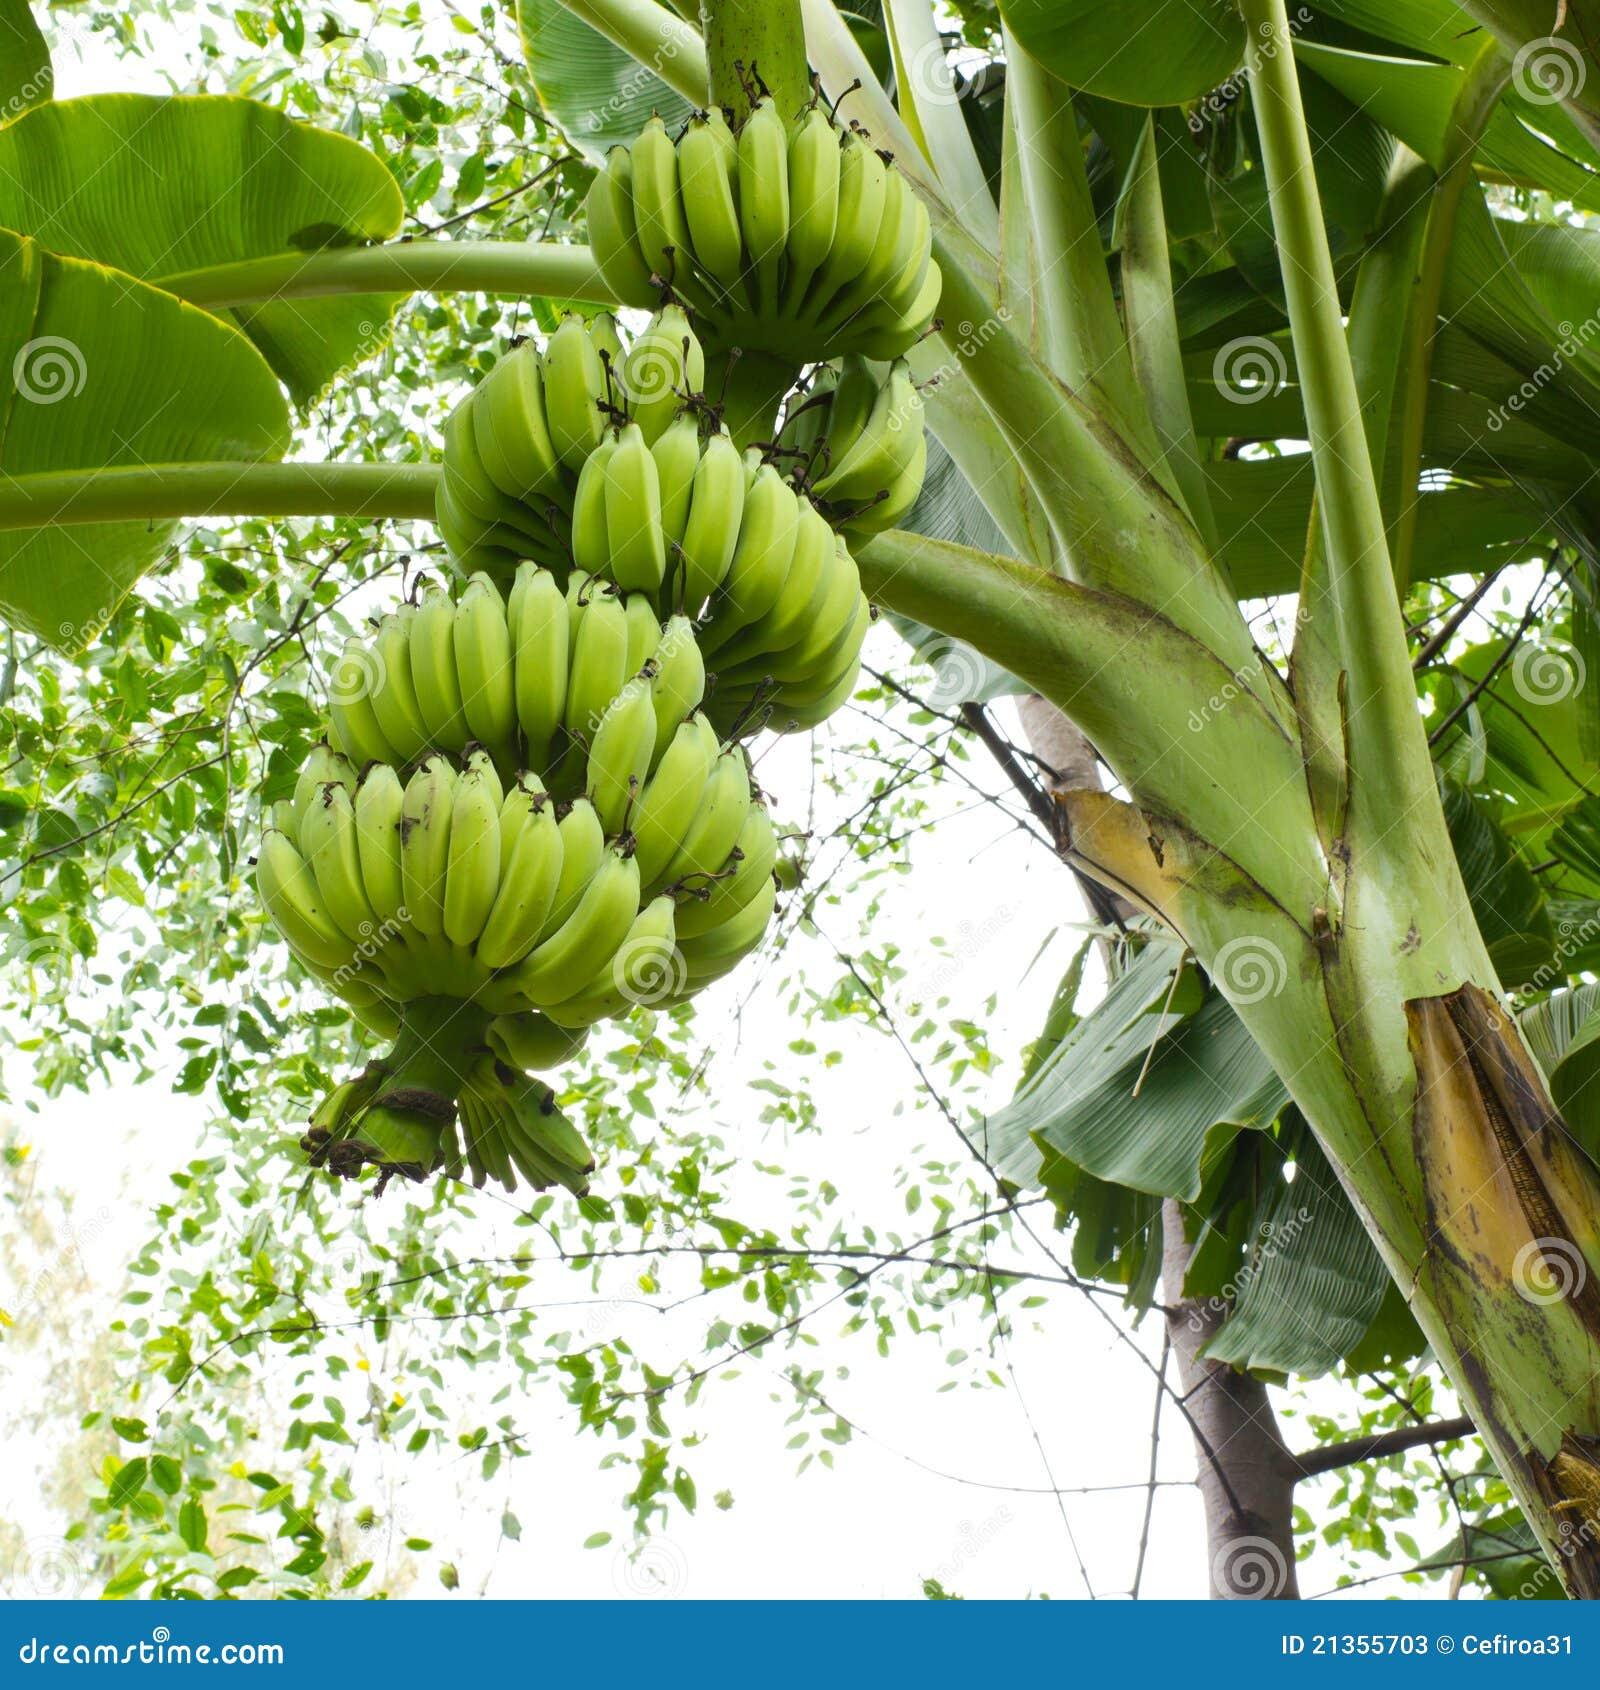 banana tree stock photos image 21355703